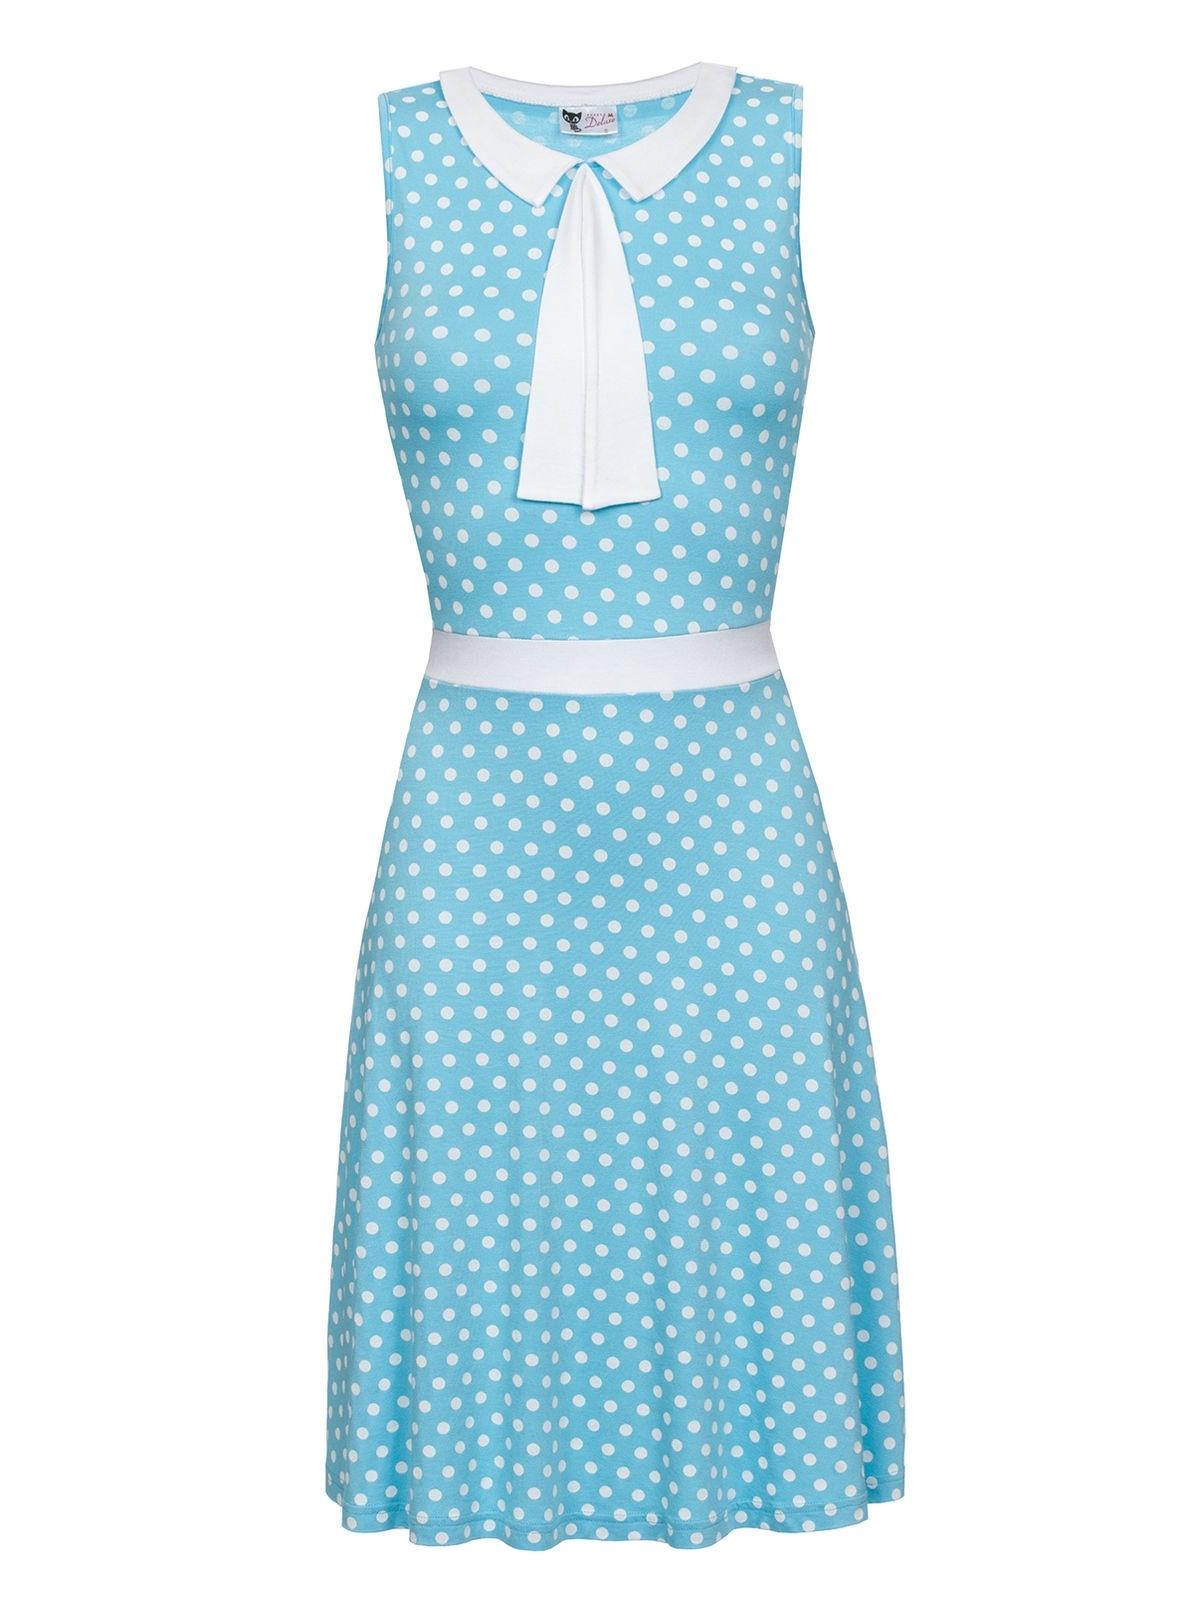 Genial Kleid Hellblau Knielang Vertrieb Schön Kleid Hellblau Knielang Stylish